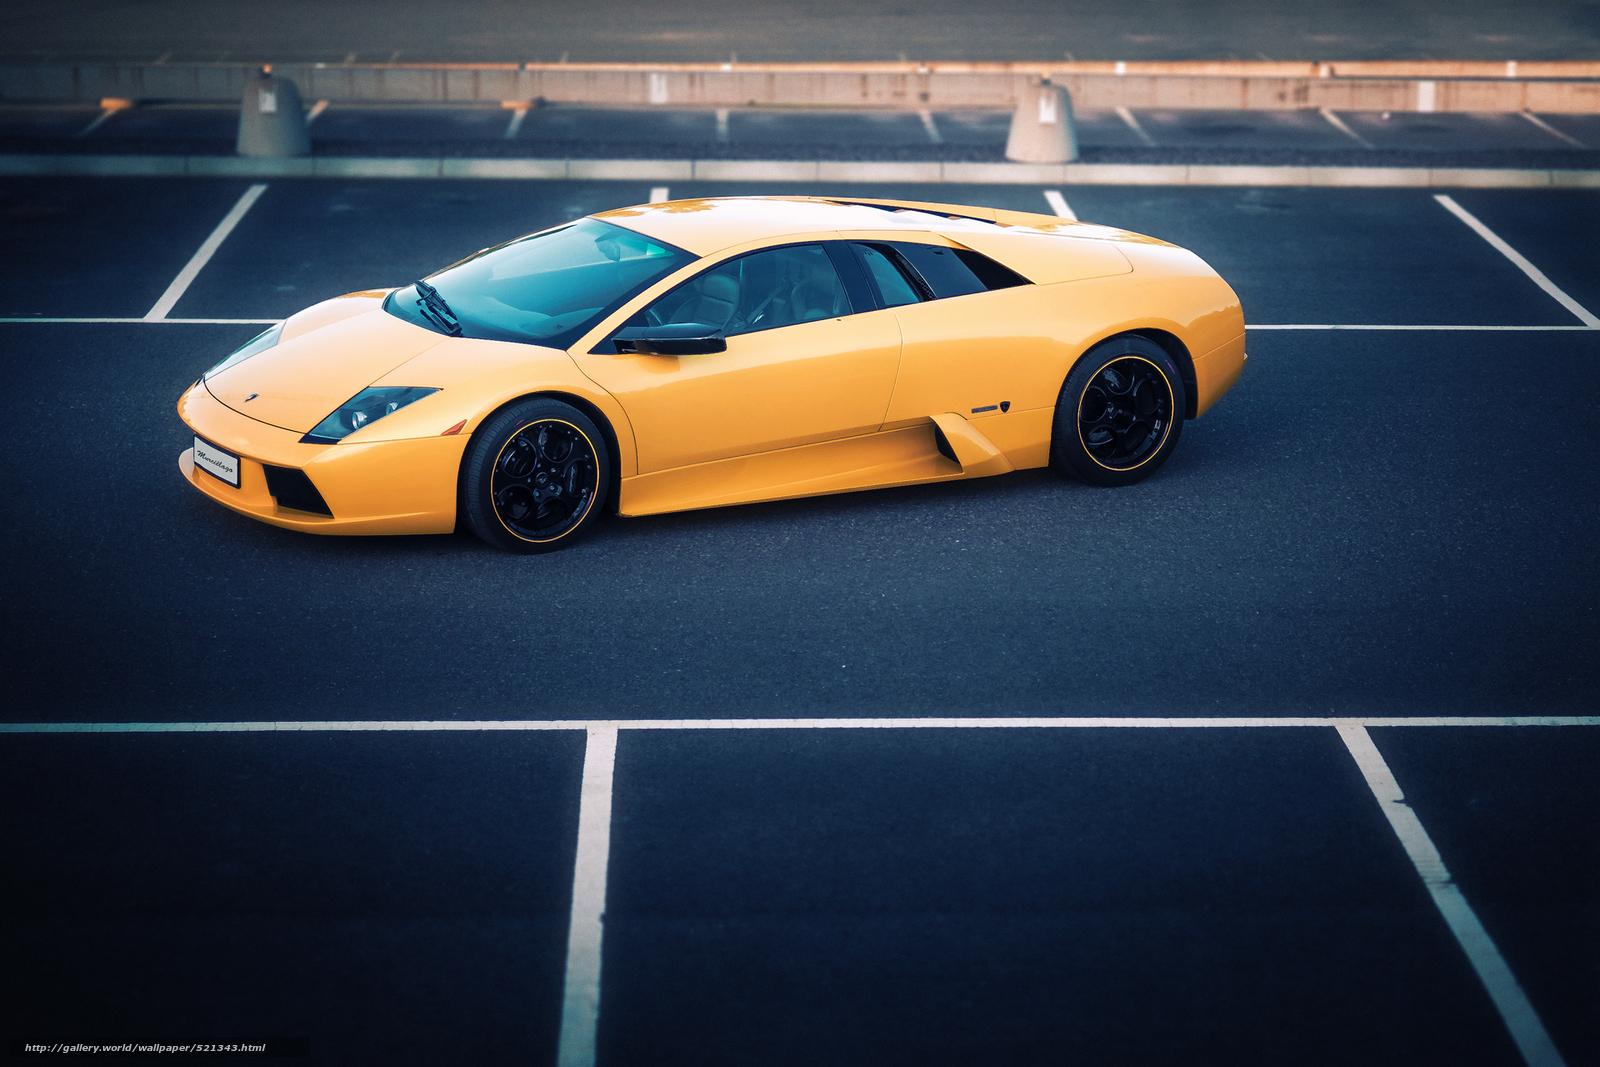 Download Wallpaper Mursielago Lamborghini Yellow Lamborghini Free Desktop Wallpaper In The